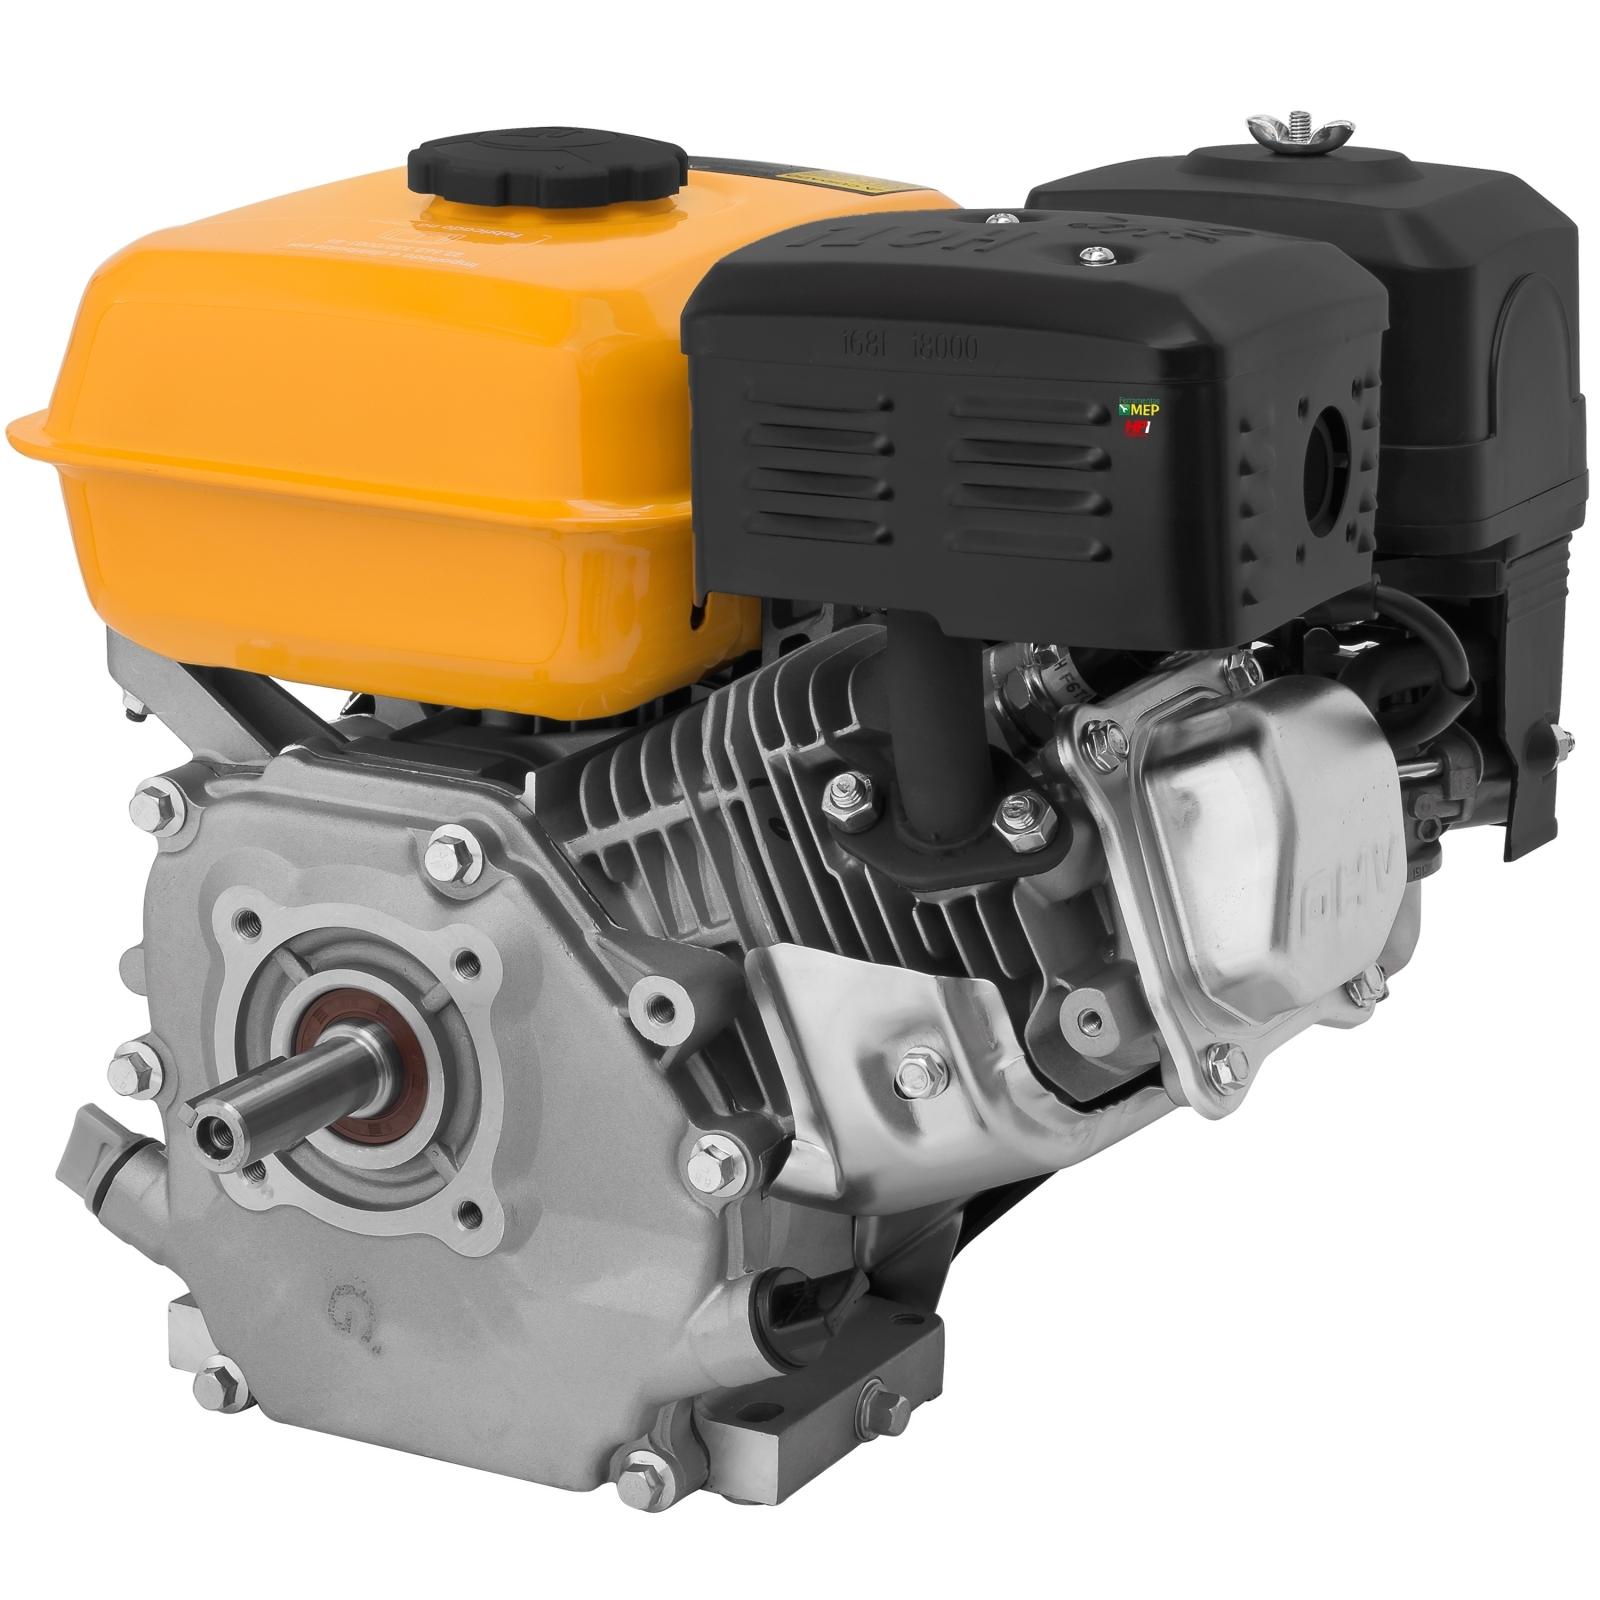 Motor Estacionário a Gasolina 7hp Partida Manual Zmax ZM70G4T - Ferramentas MEP